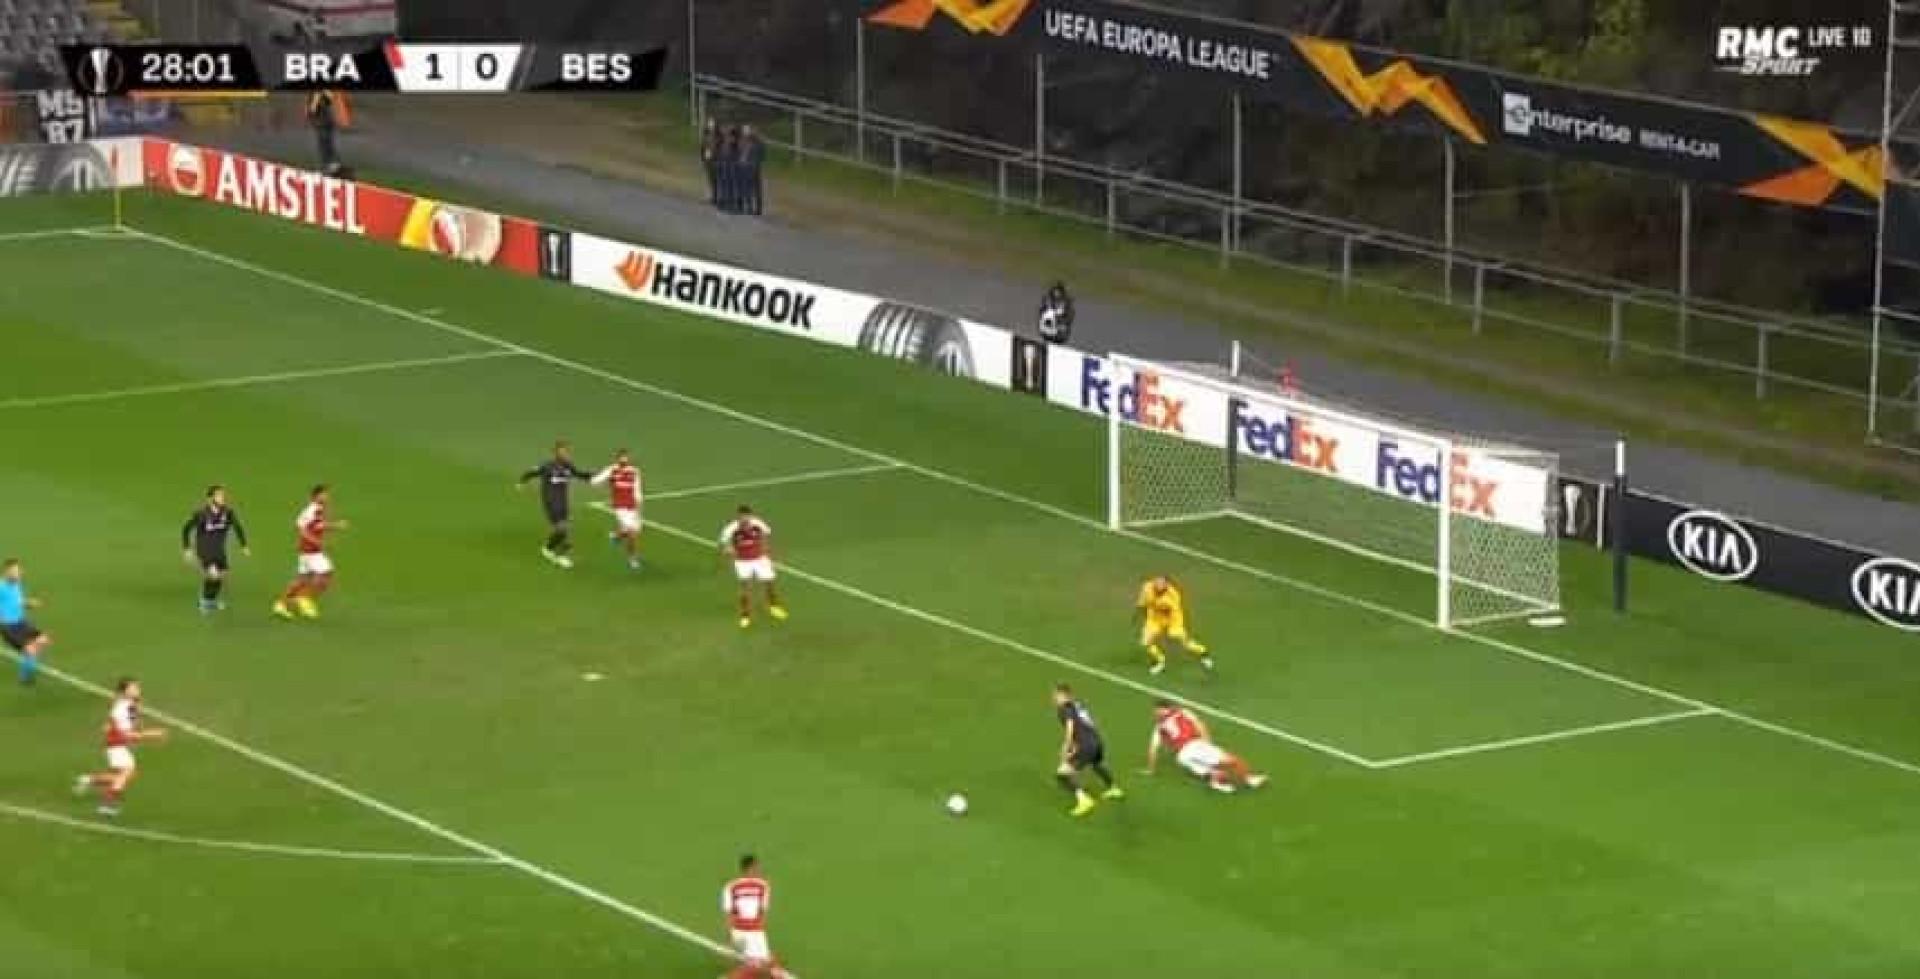 Adeptos do Vitória SC até sorriram com o golo do Besiktas em Braga